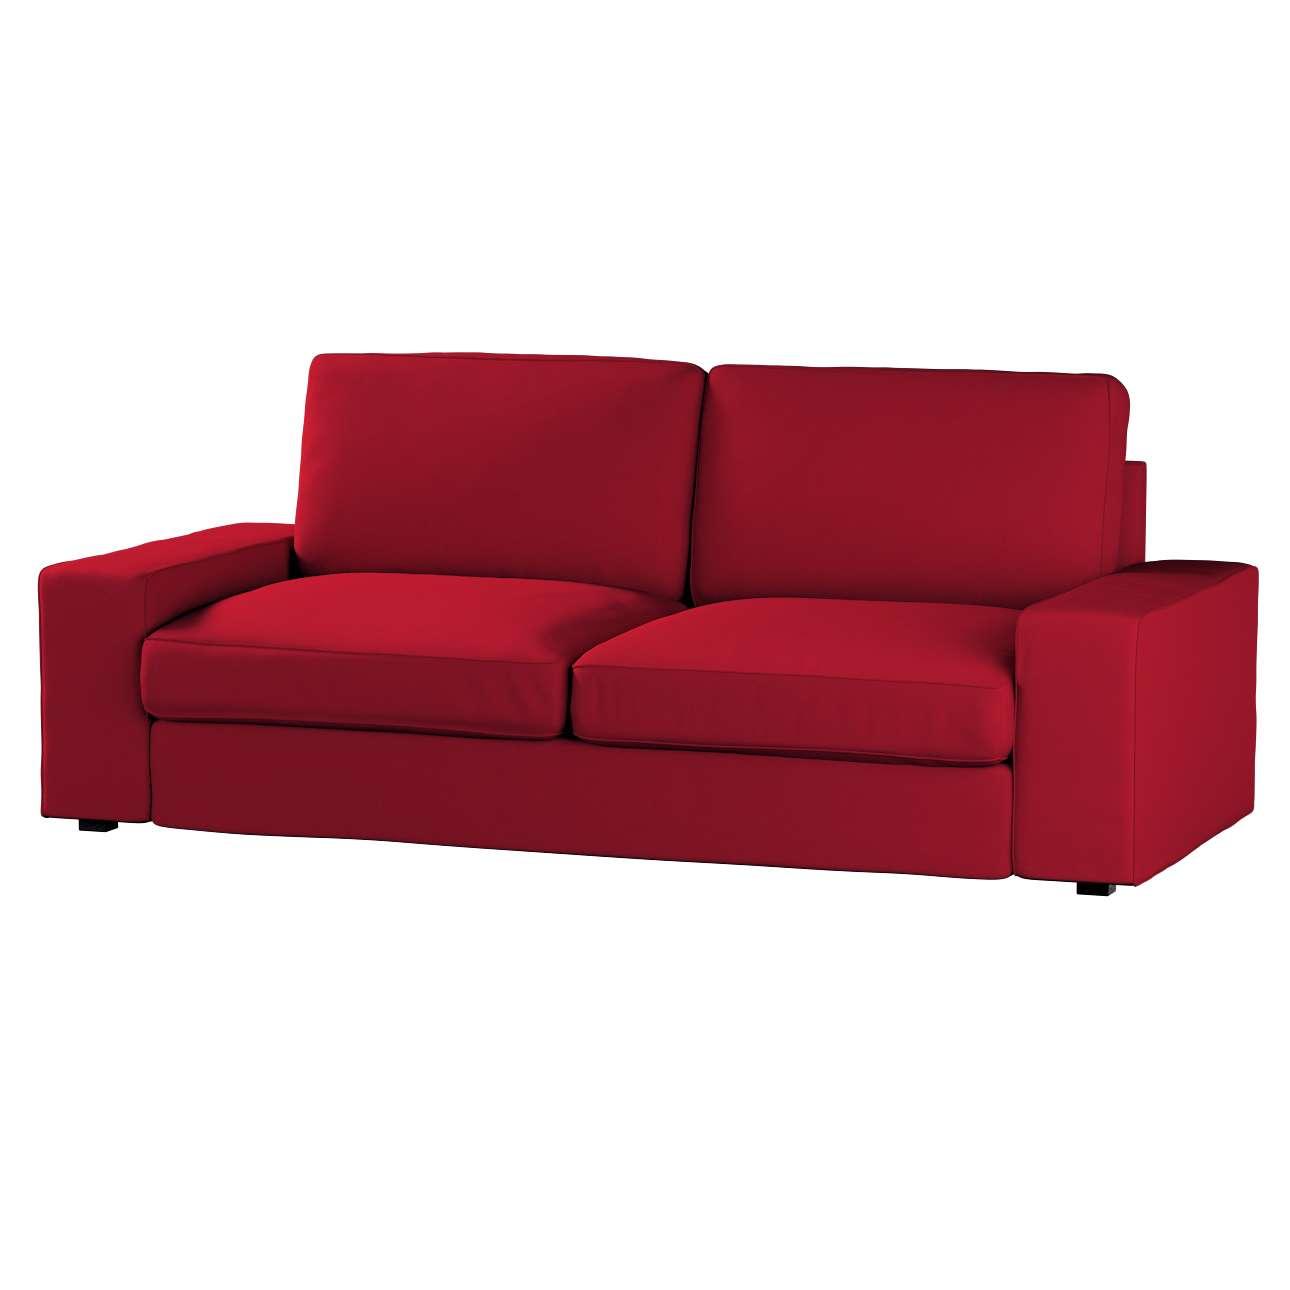 KIVIK trivietės sofos užvalkalas Kivik 3-seat sofa kolekcijoje Etna , audinys: 705-60